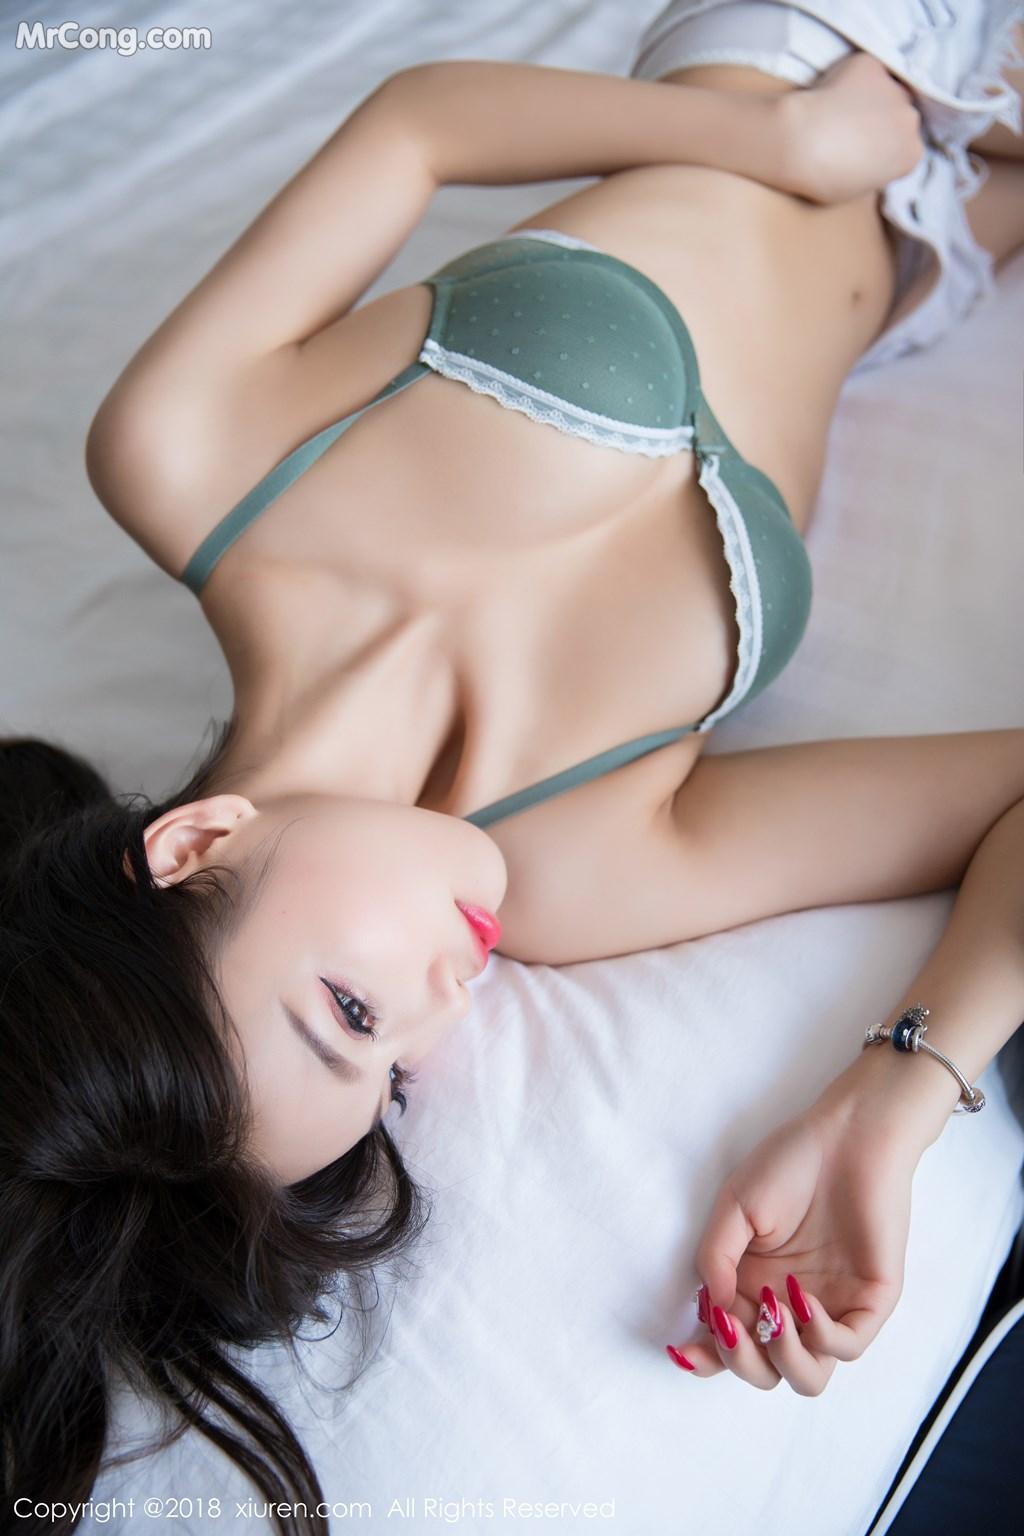 XIUREN-No.1134-Yang-Chen-Chen-sugar-MrCong.com-020.jpg?w=955&ssl=1